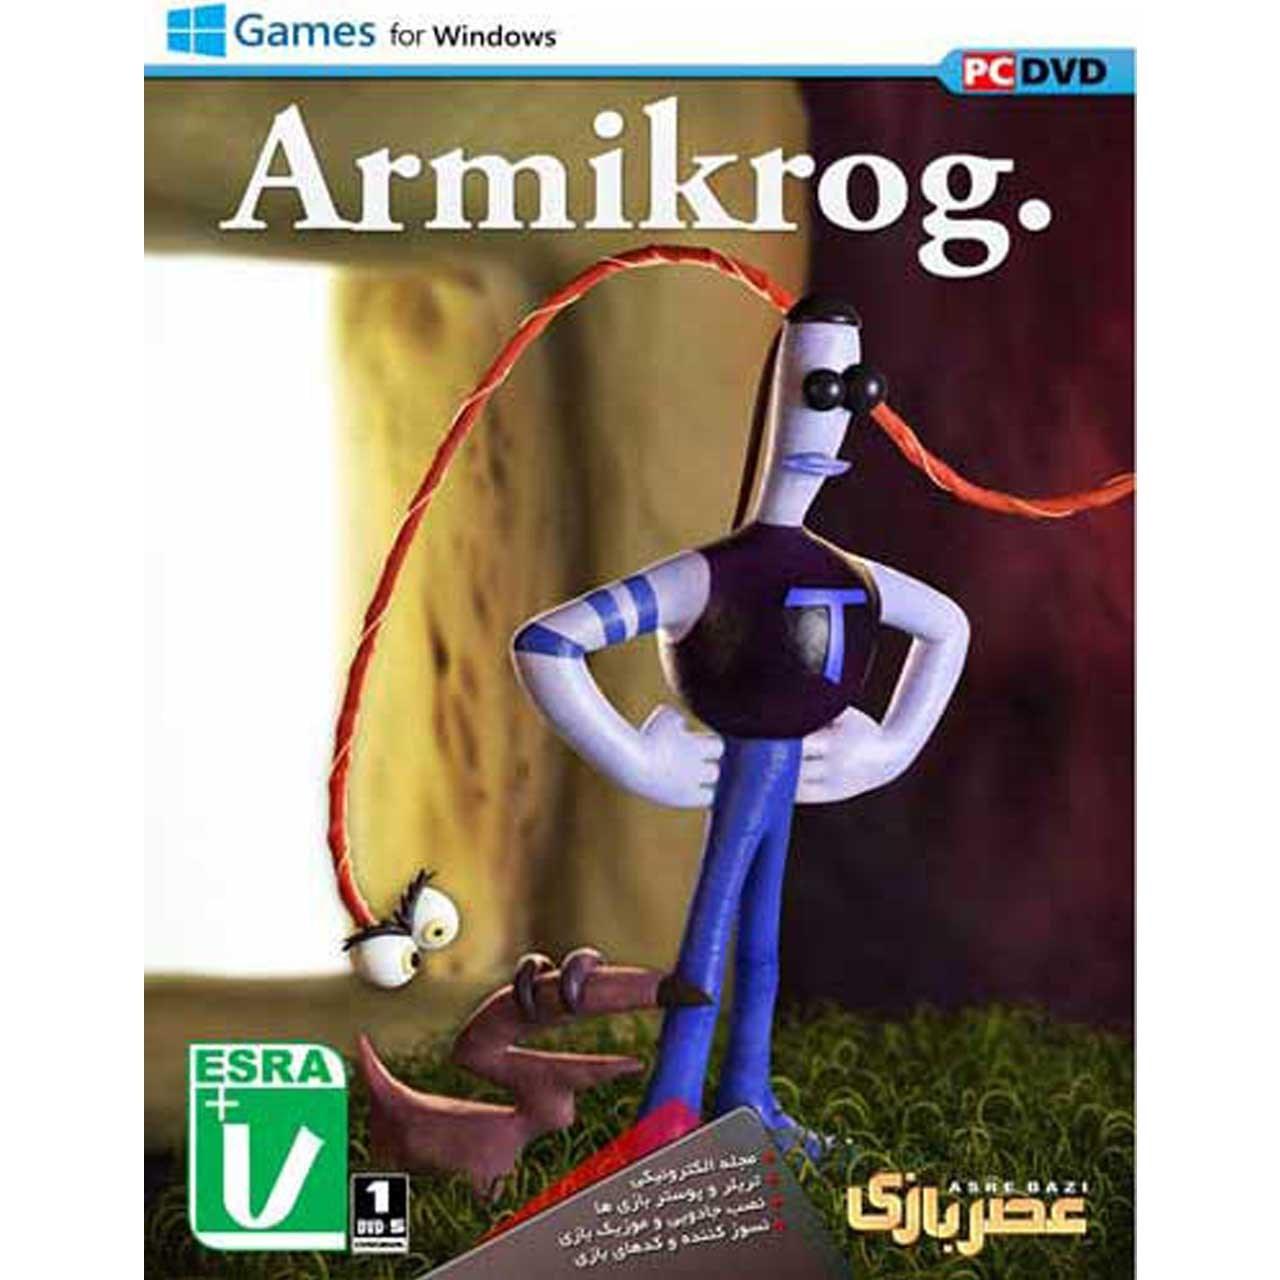 بازی Armikrog مخصوص PC